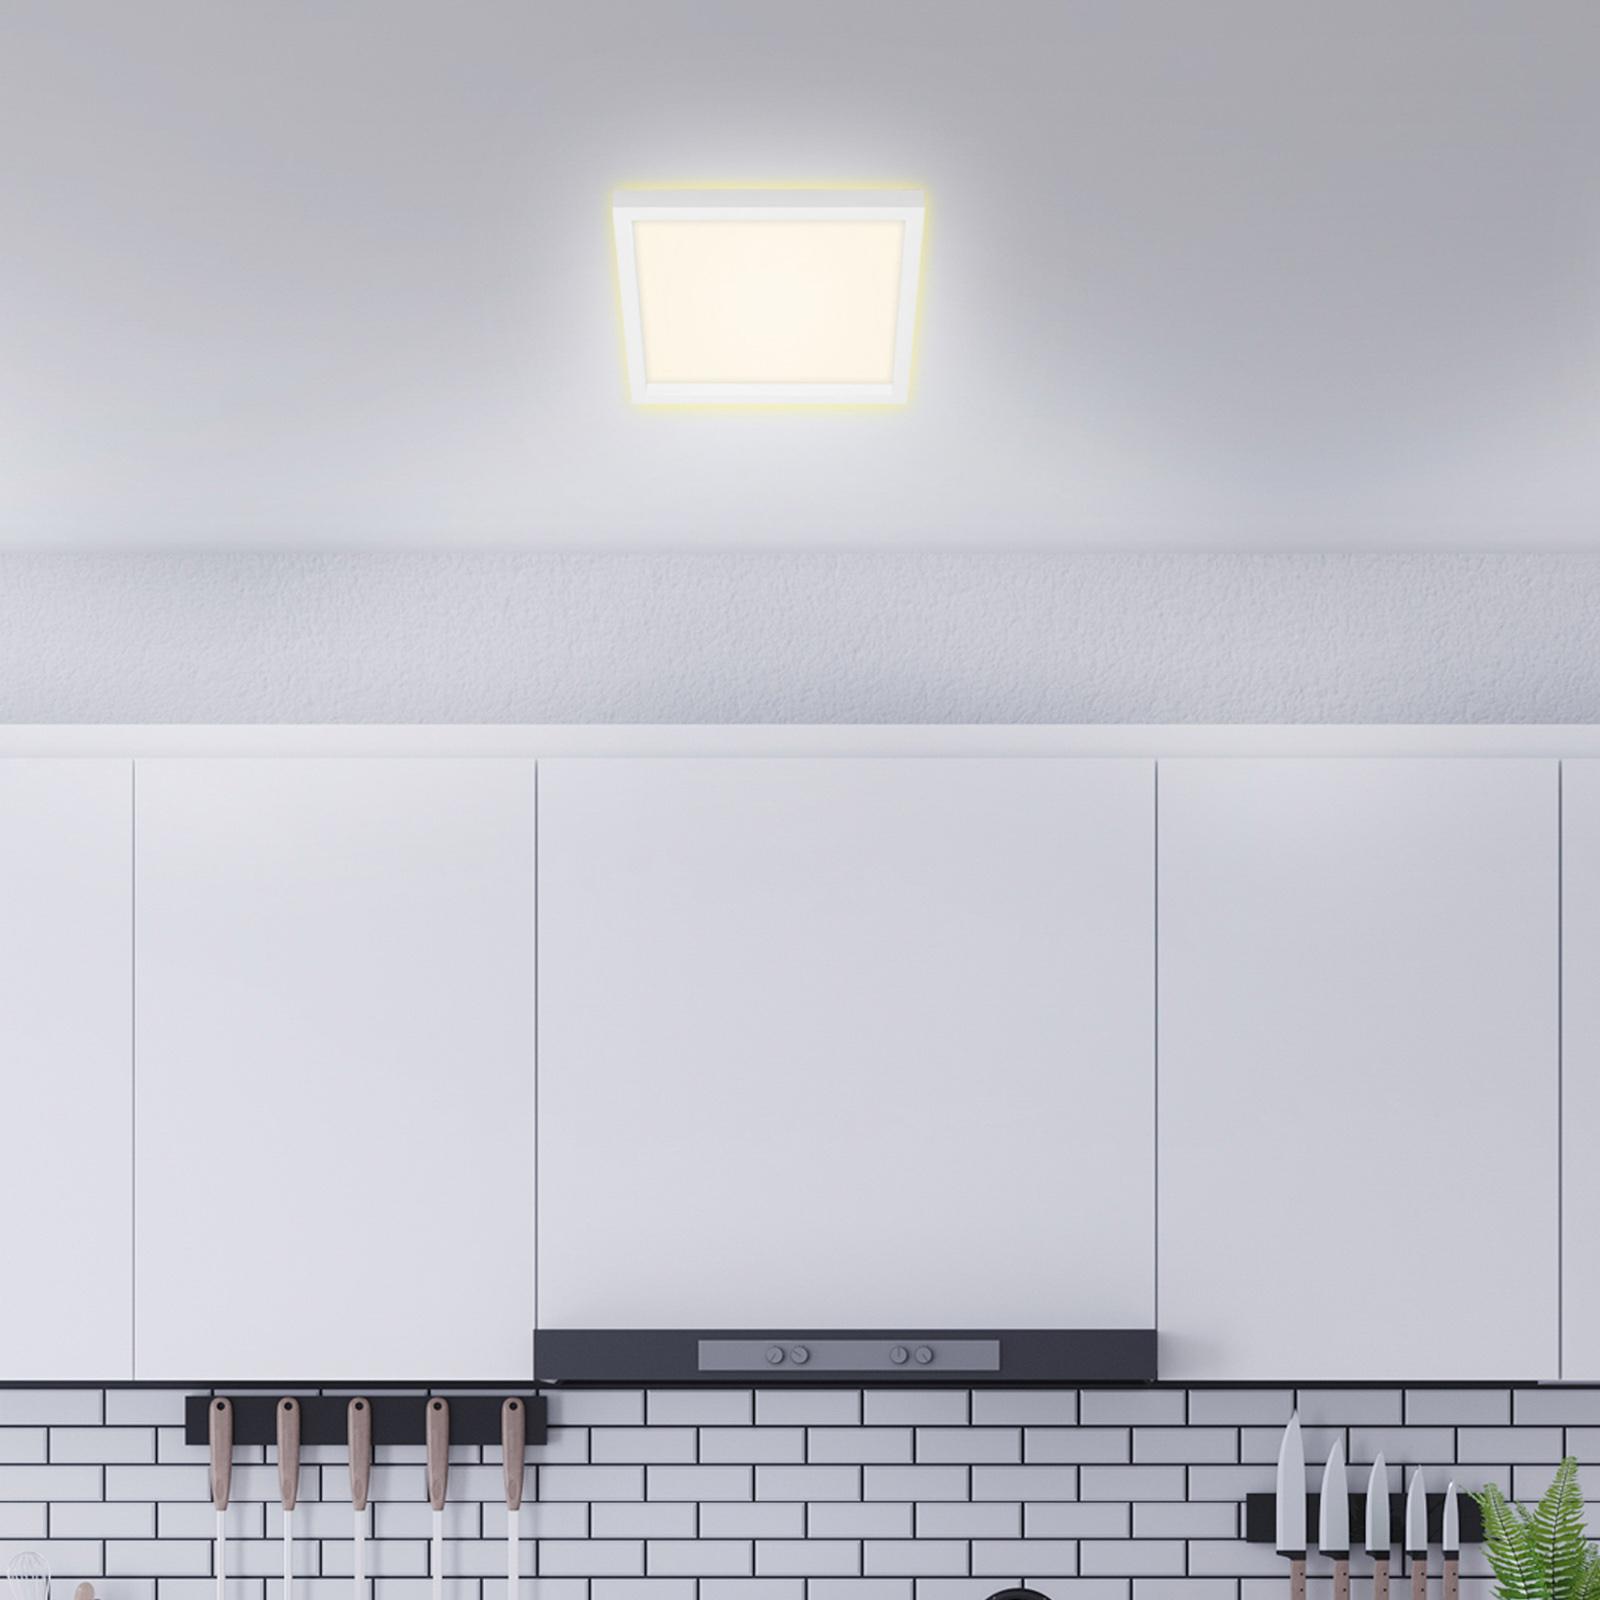 Briloner LED stropní světlo 7362, 29 x 29 cm, bílá